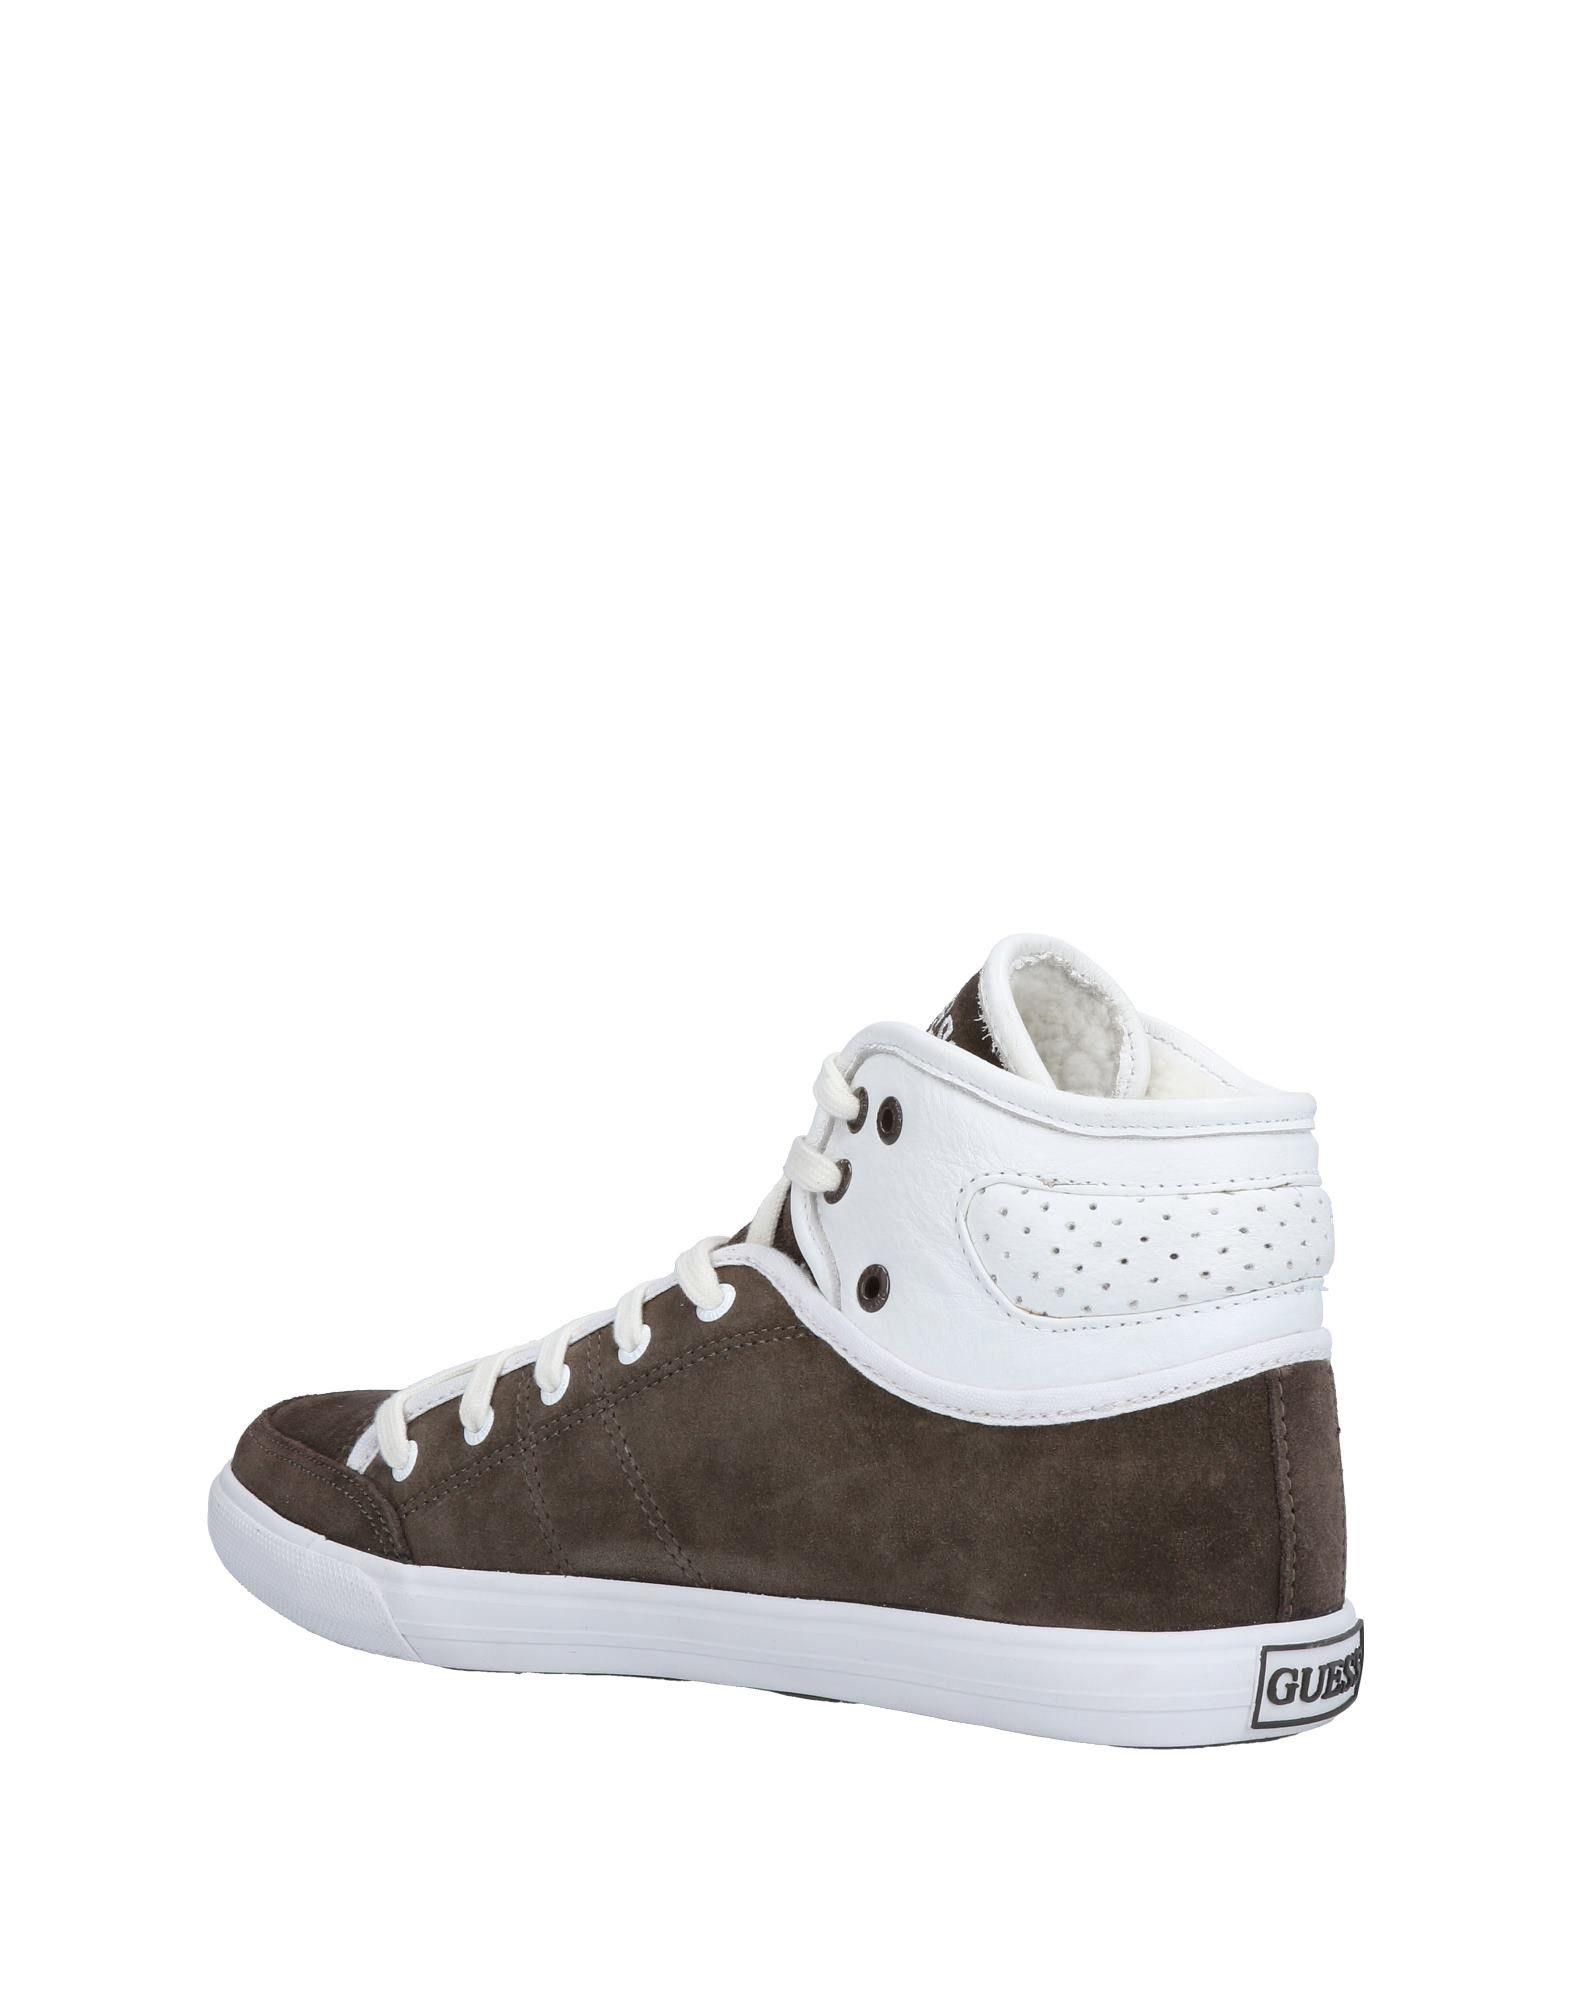 Rabatt echte Schuhe Guess Herren Sneakers Herren Guess  11506643CI a75c34